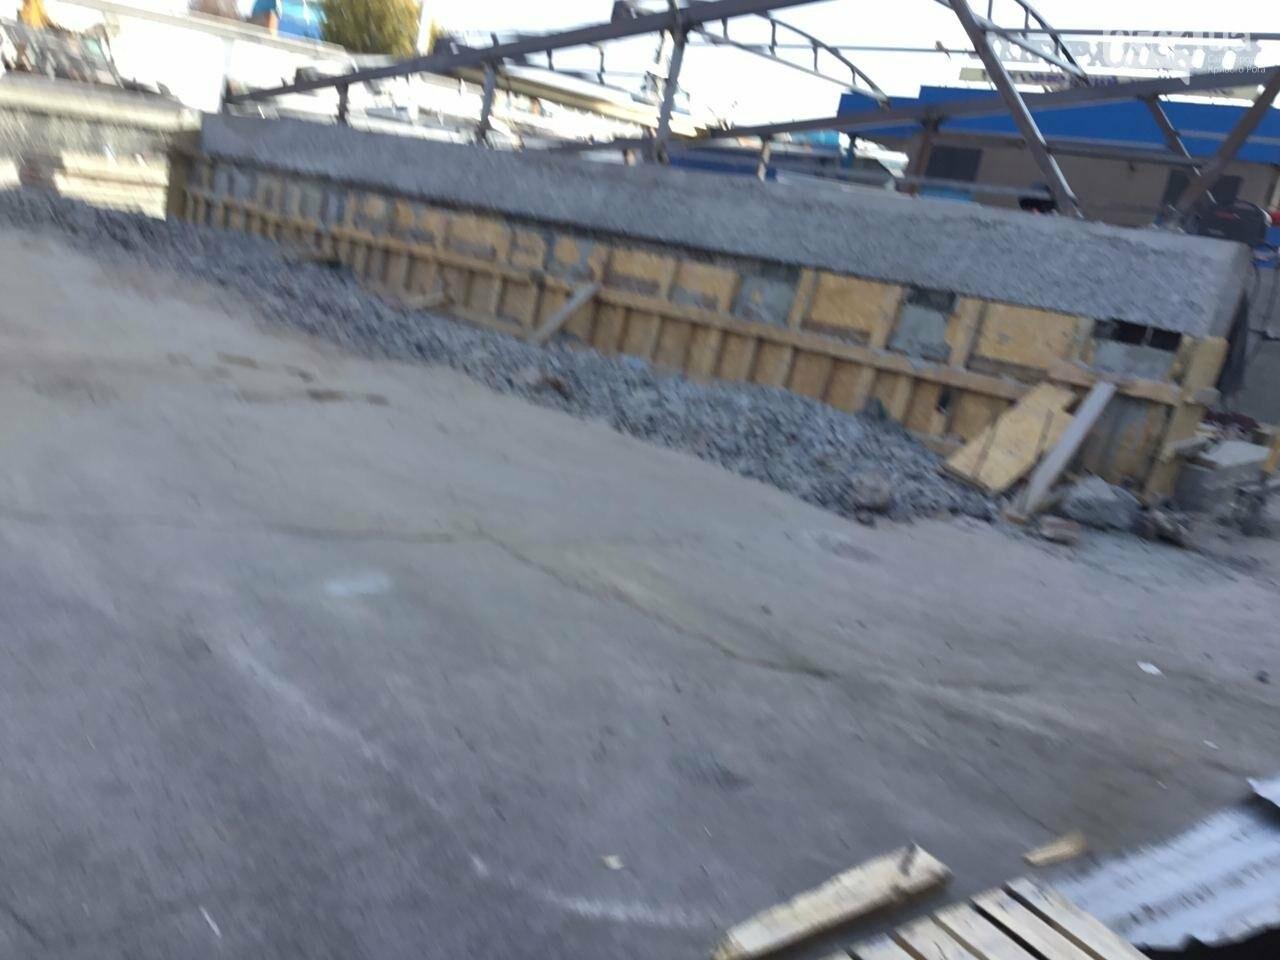 Как проходит реконструкция пешеходного перехода на улице Лермонтова в Кривом Роге, - ФОТО, фото-11